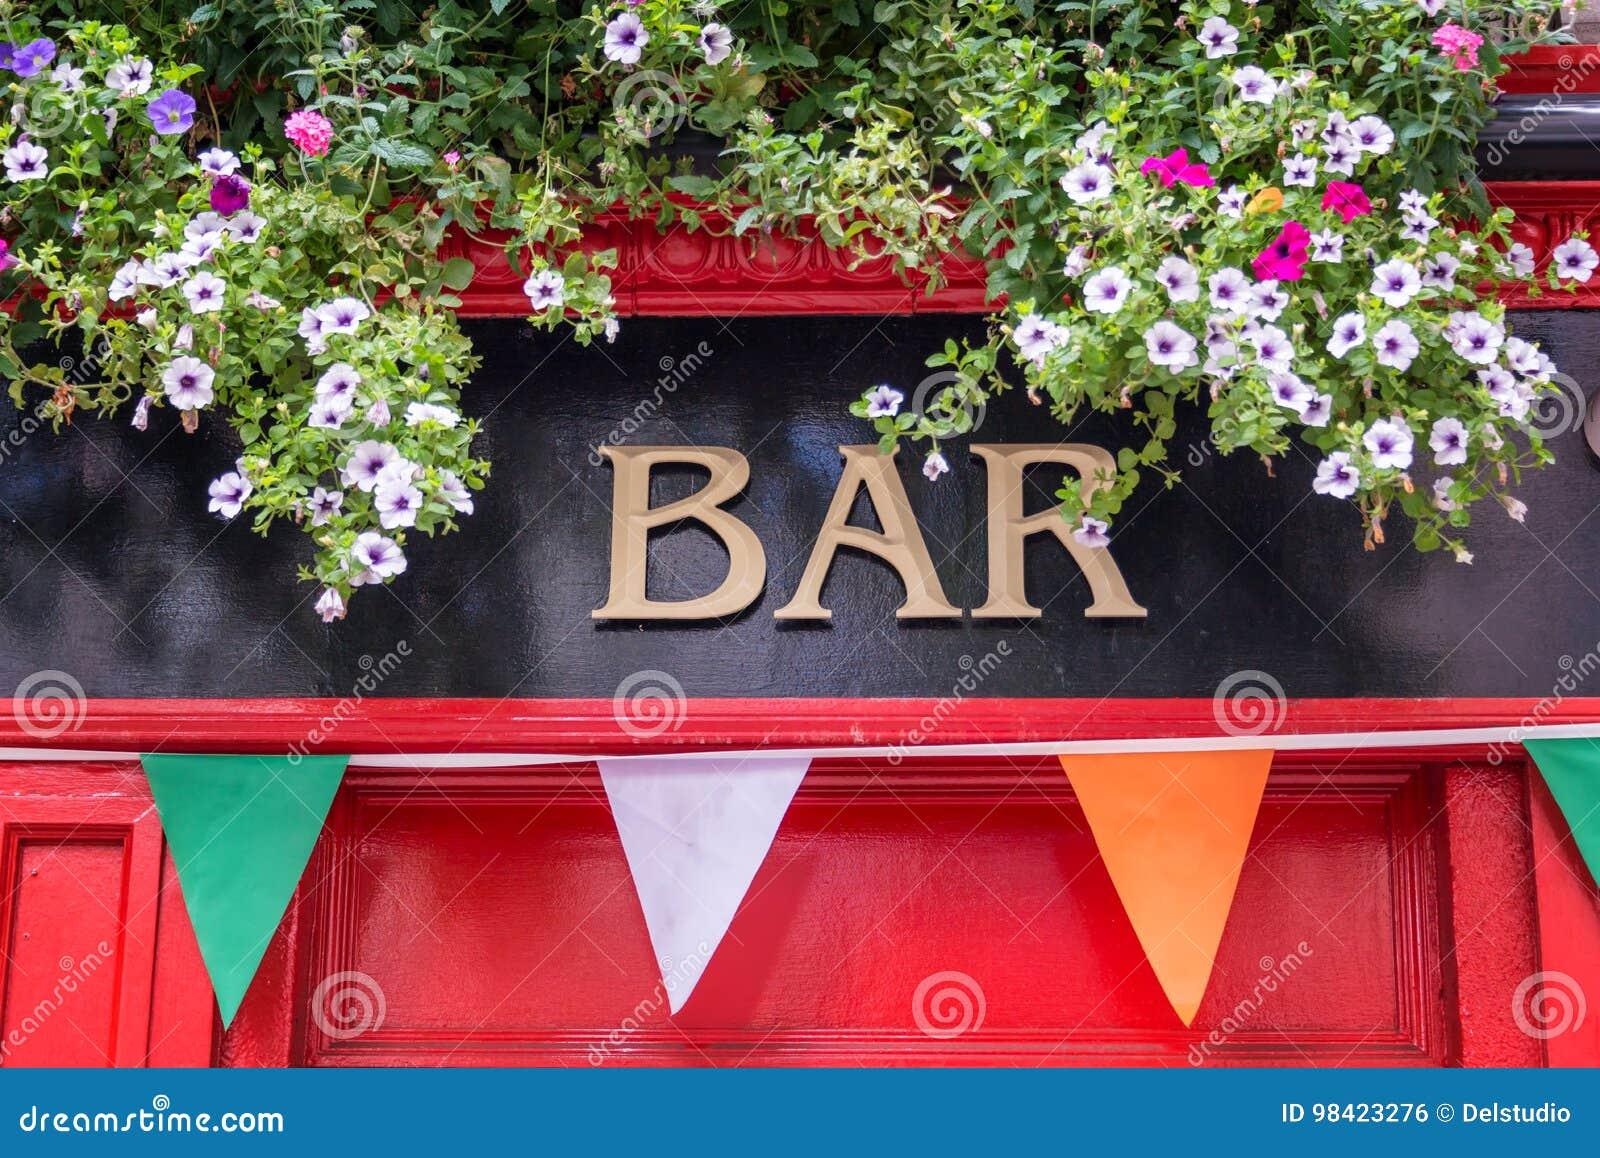 Halten Sie Zeichen mit Blumen und irische Flaggenfarben, irisches Kneipenkonzept in Dublin Ireland ab